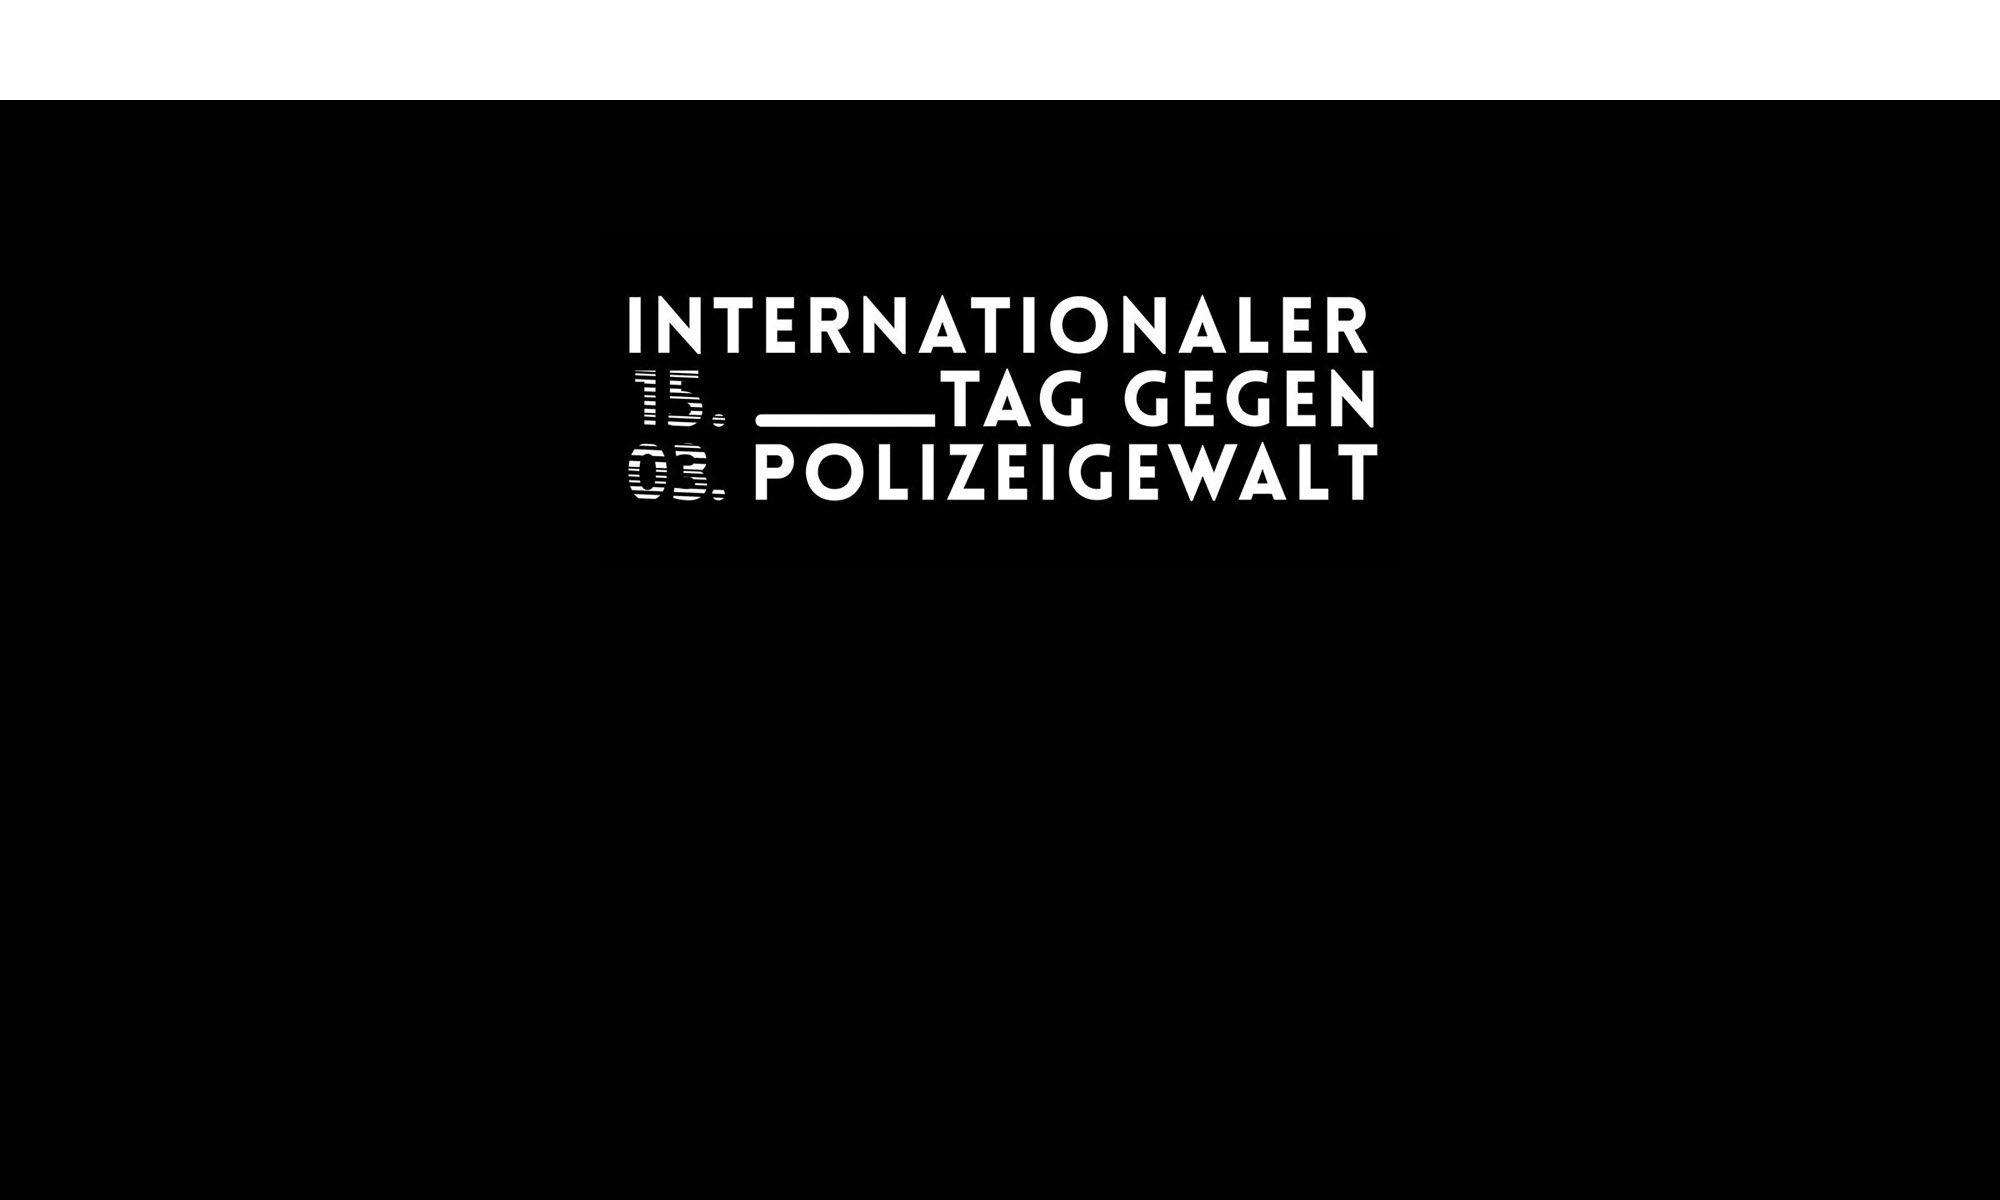 15.03. Internationaler Tag gegen Polizeigewalt